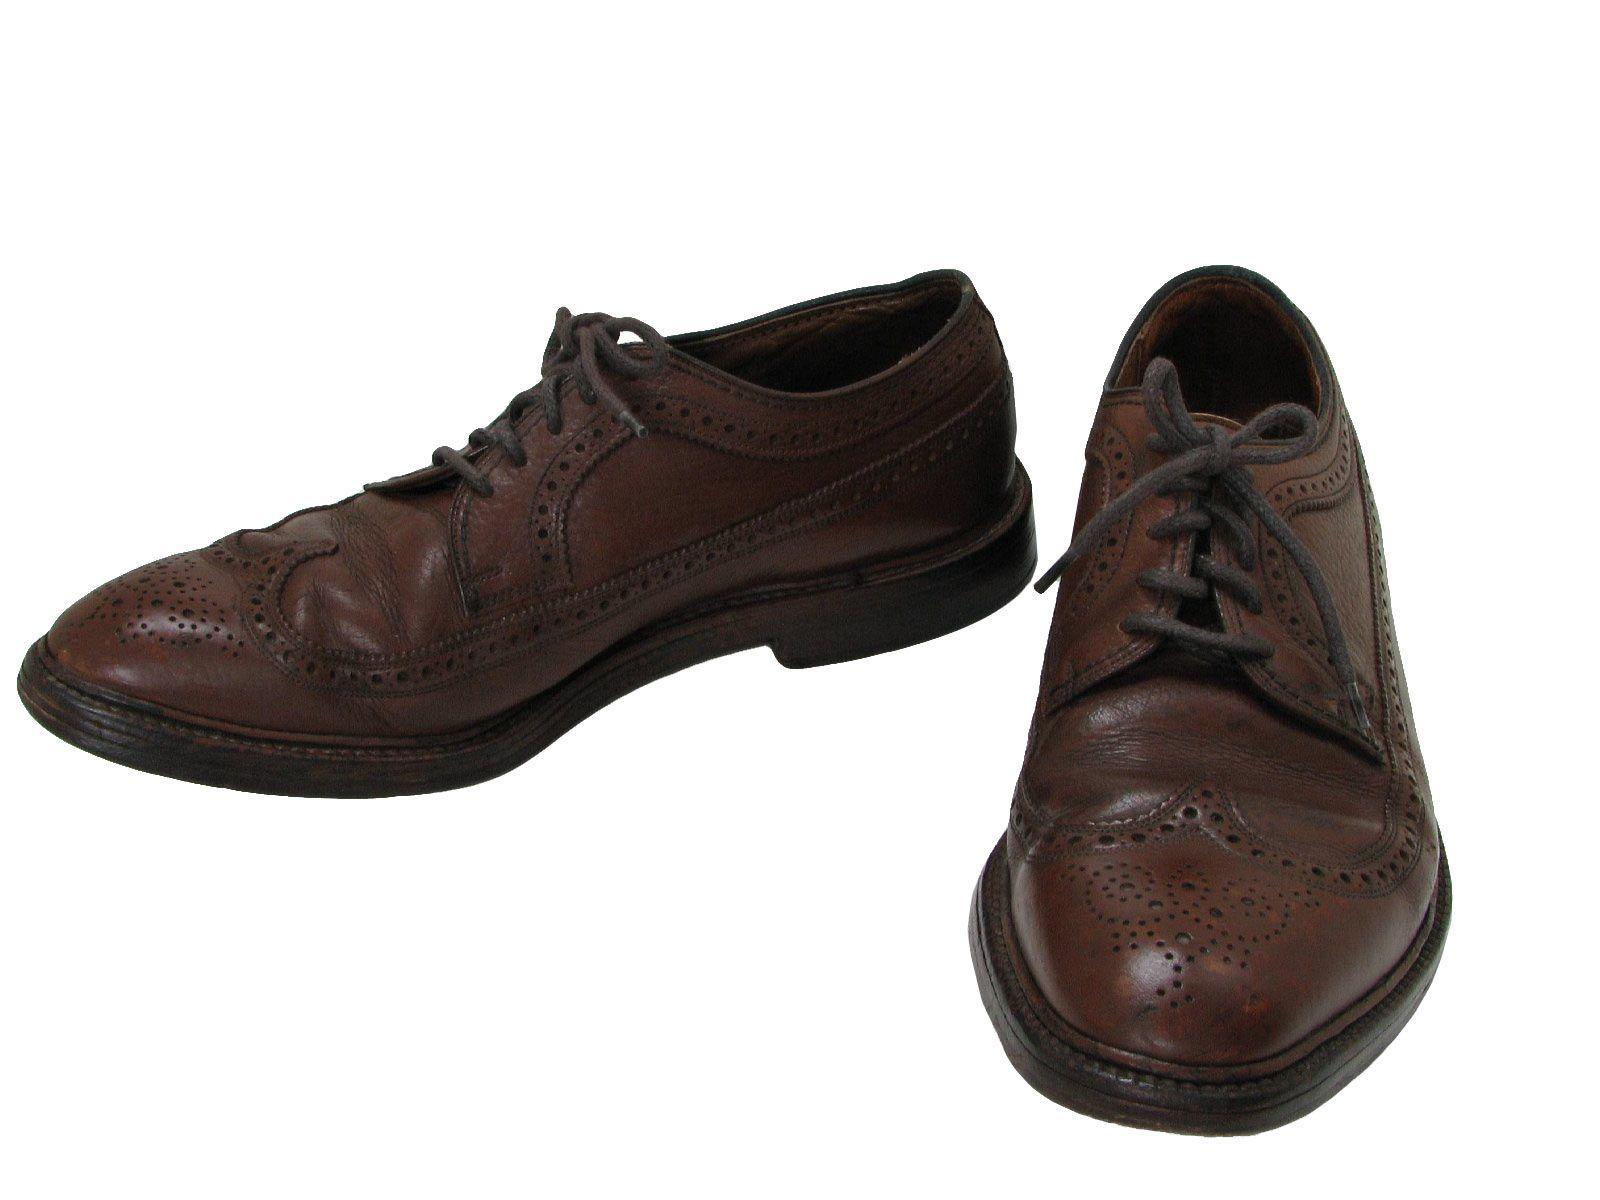 Rustyzipper Com Vintage Clothing Brown Shoes Men Leather Shoes Men Dress Shoes Men